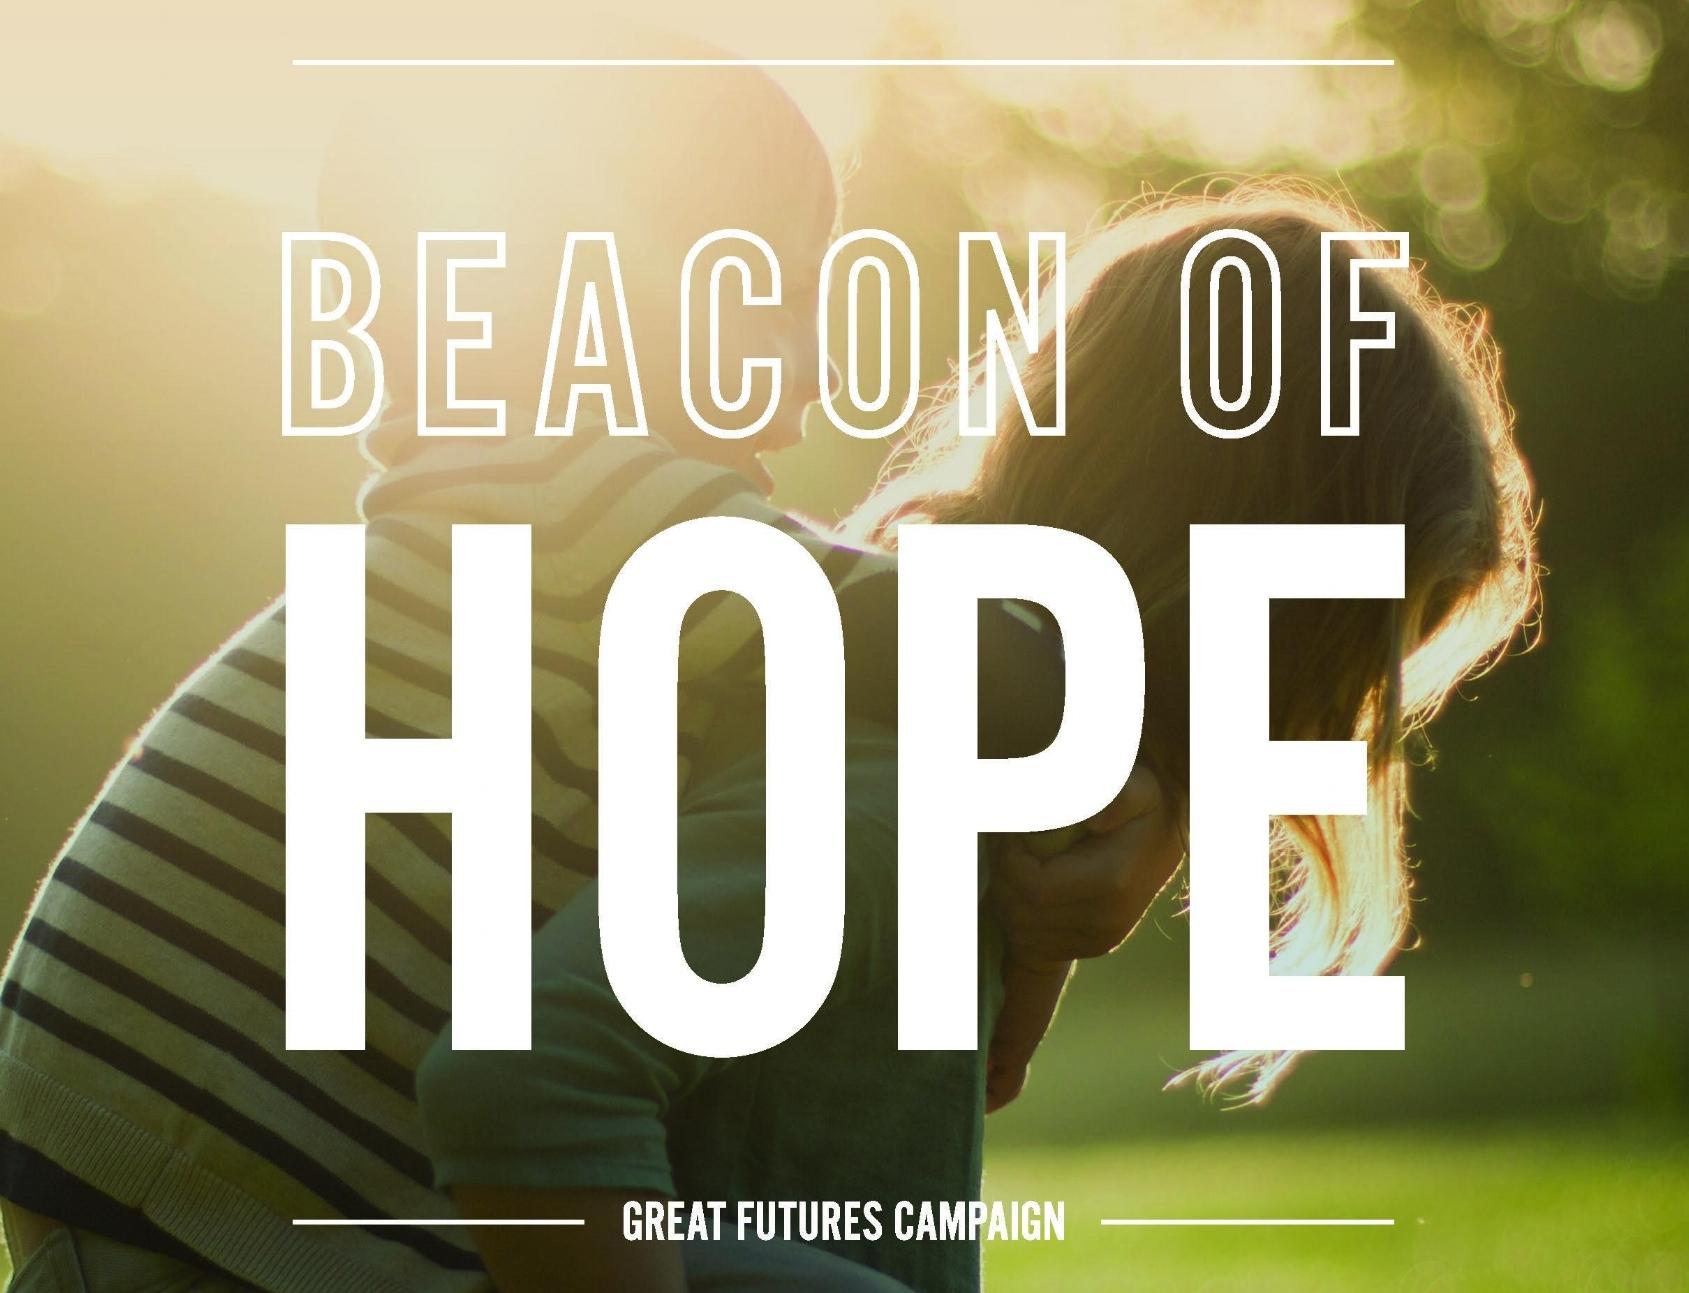 bgc_beacon-of-hope-graphic.jpg